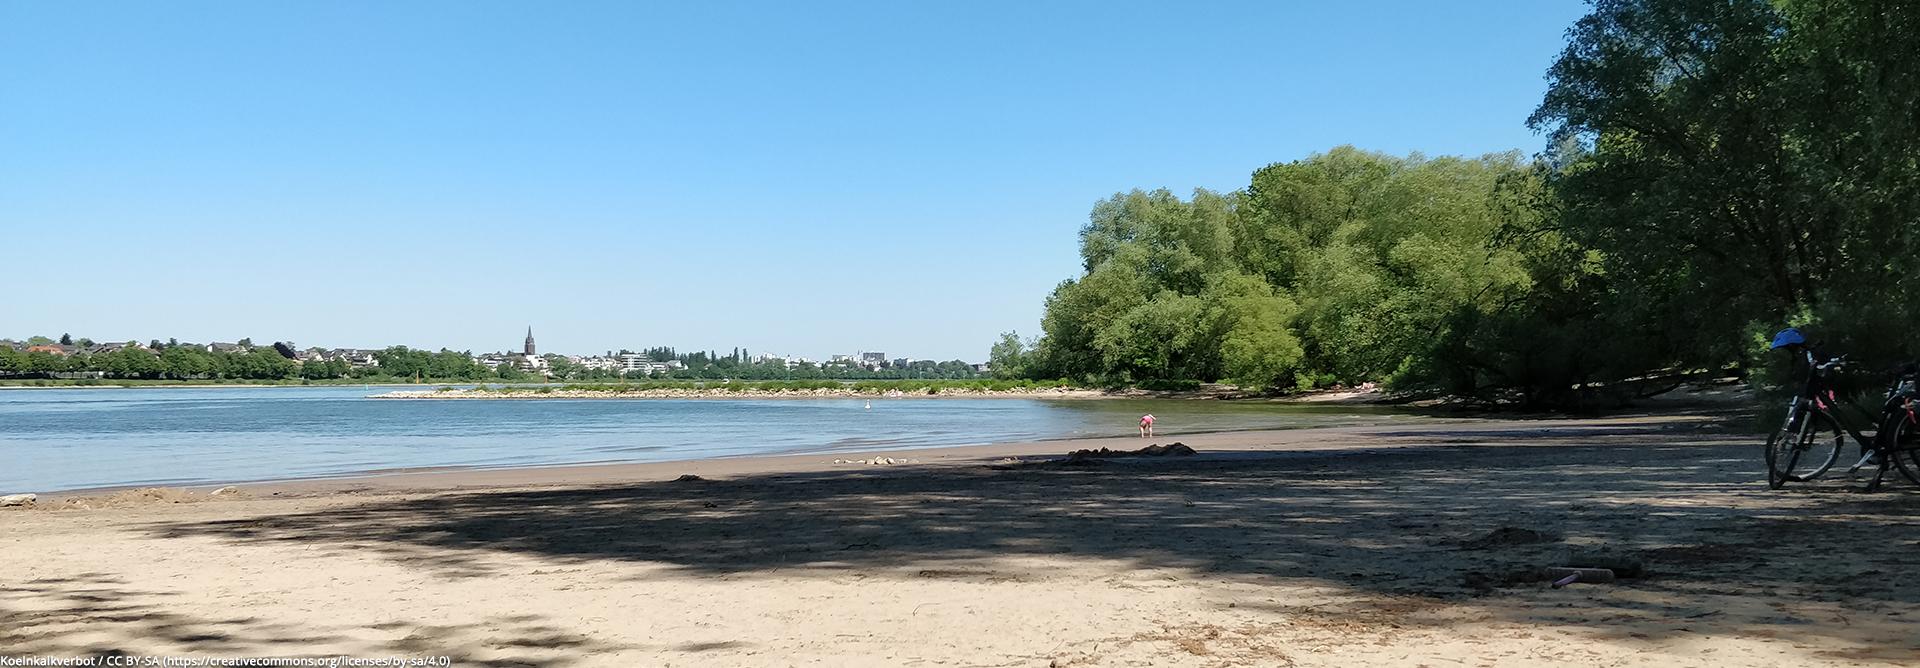 Veedel Hahnwald, Köln-Hahnwald